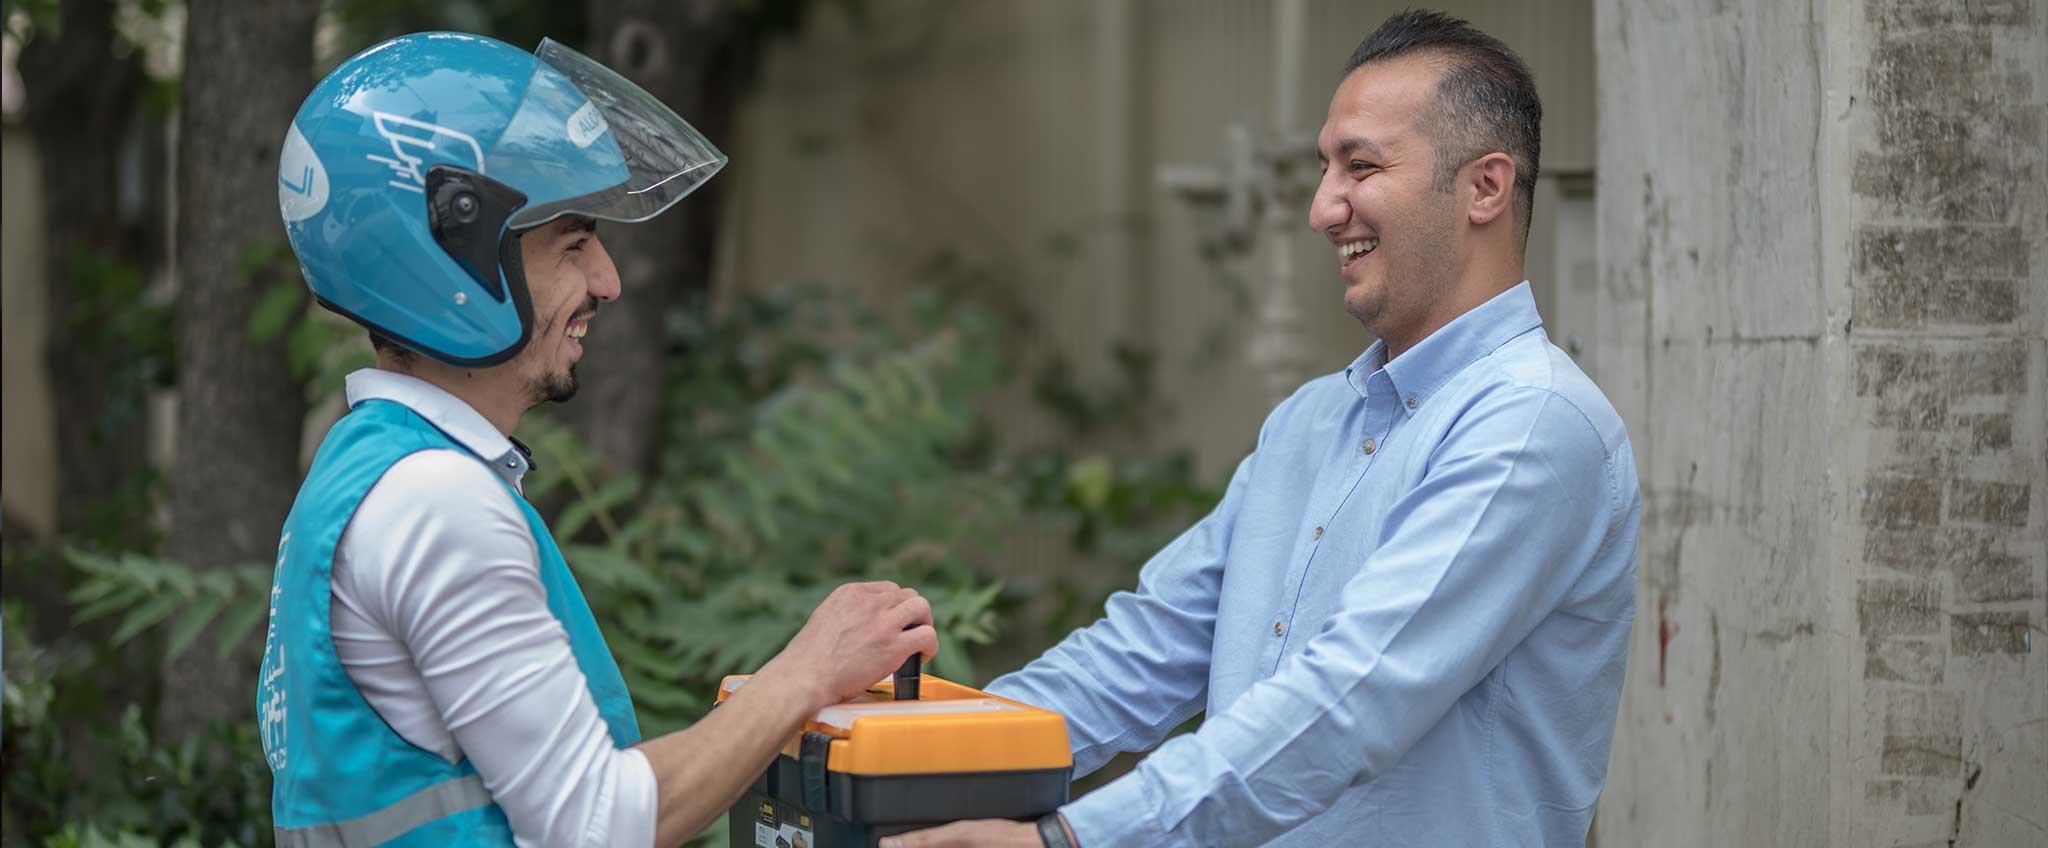 سفیر الوپیک در حال تحویل مرسوله به مشتری